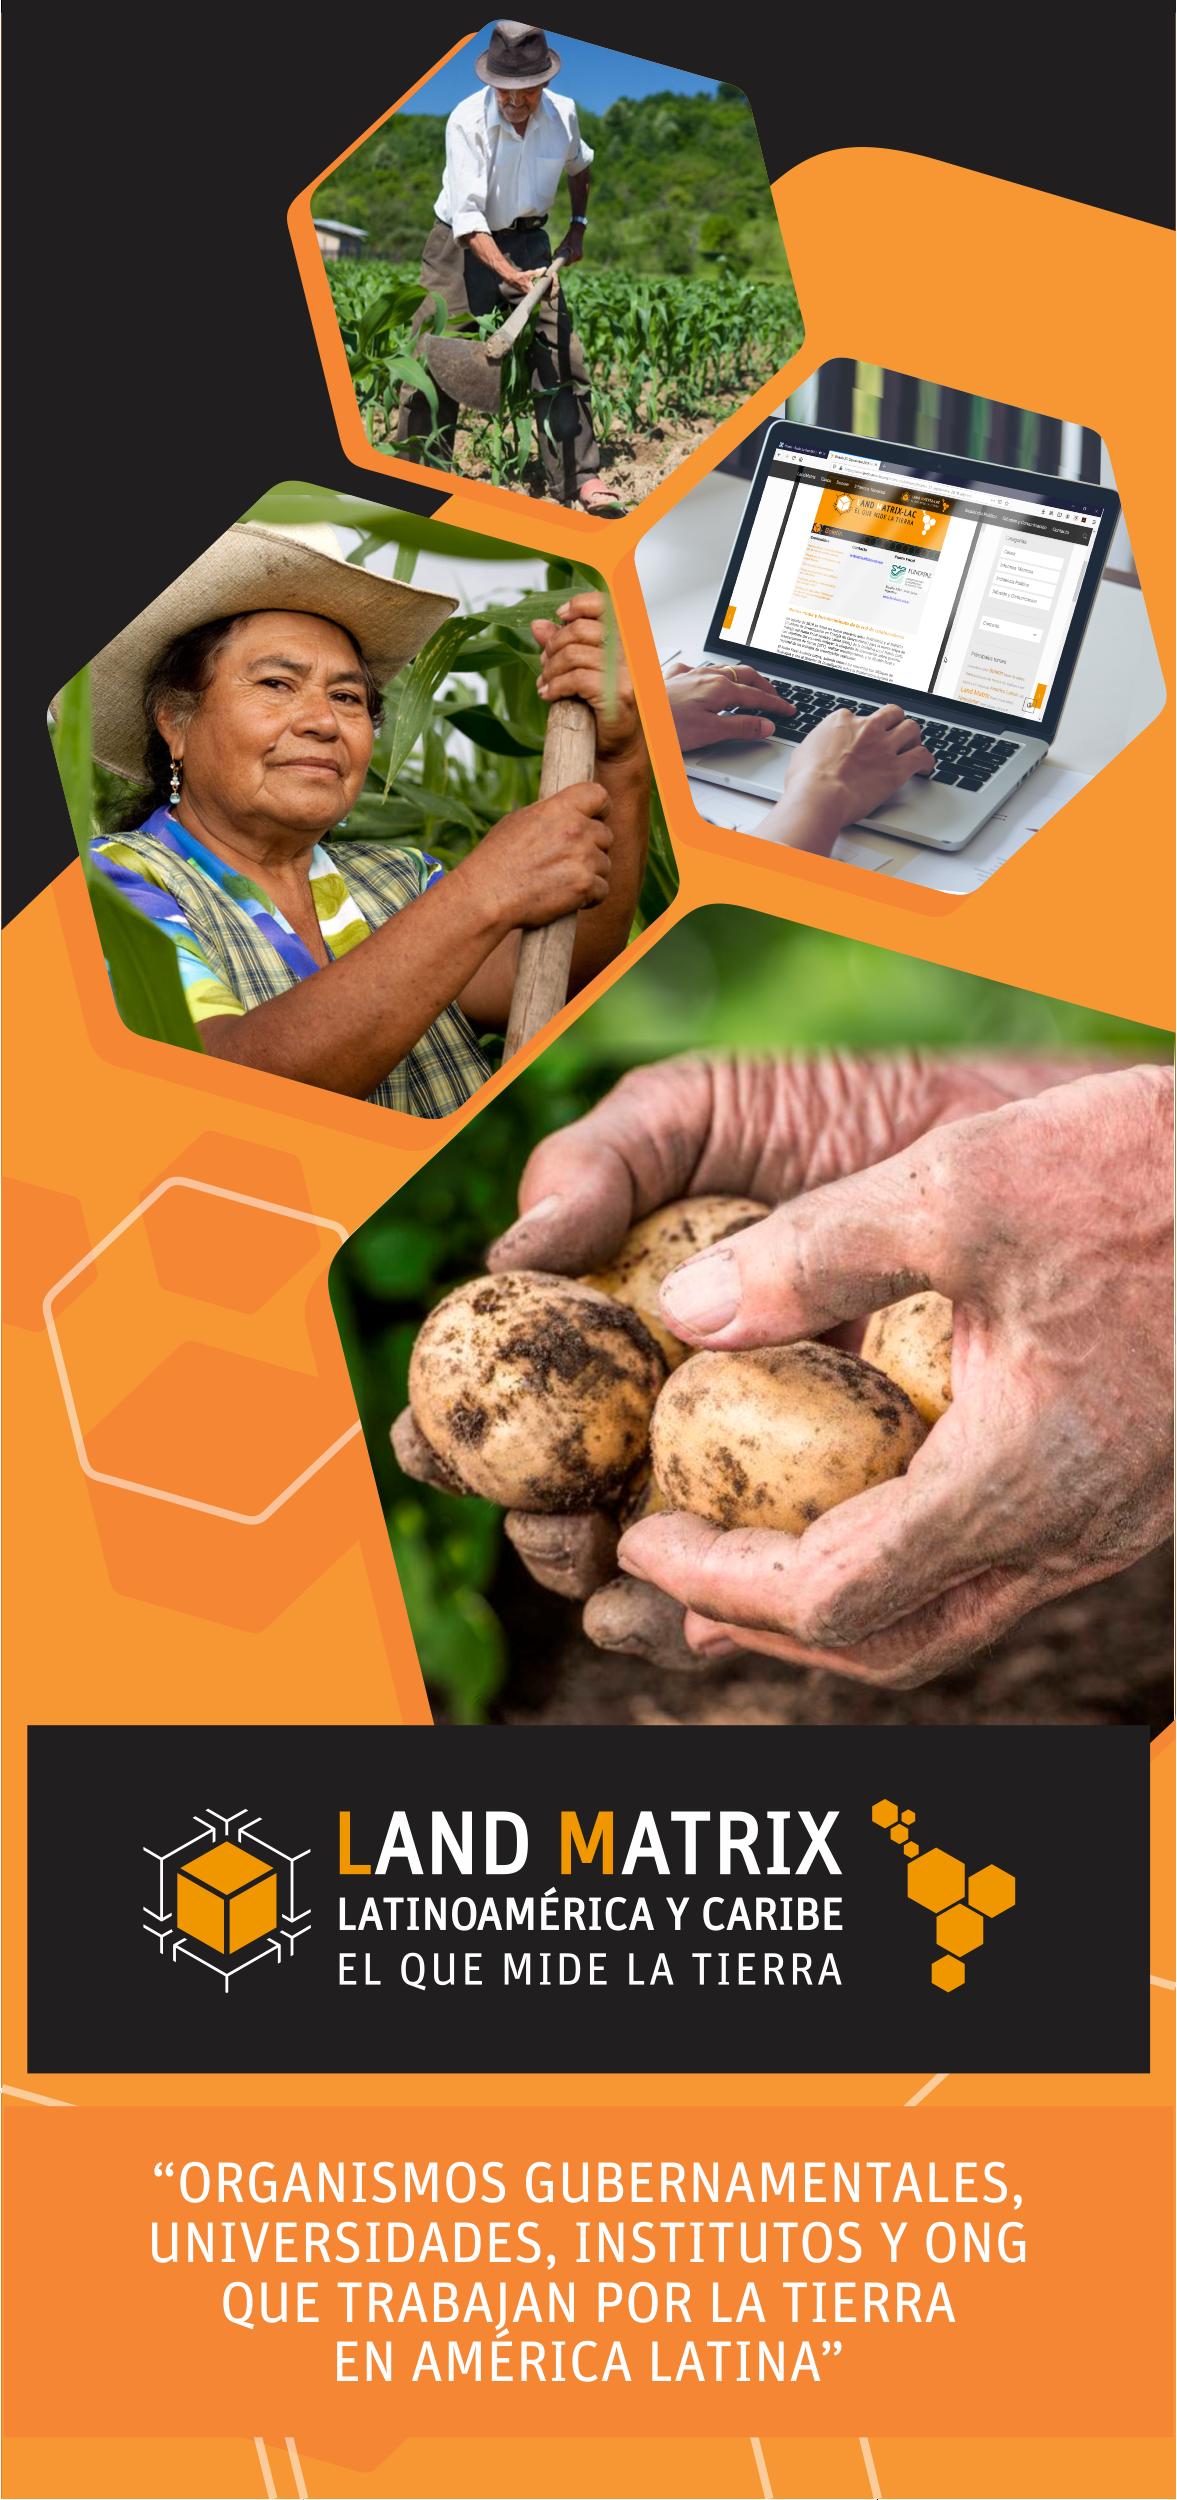 instituciones que desarrollan algún trabajo en favor del acceso a la tierra